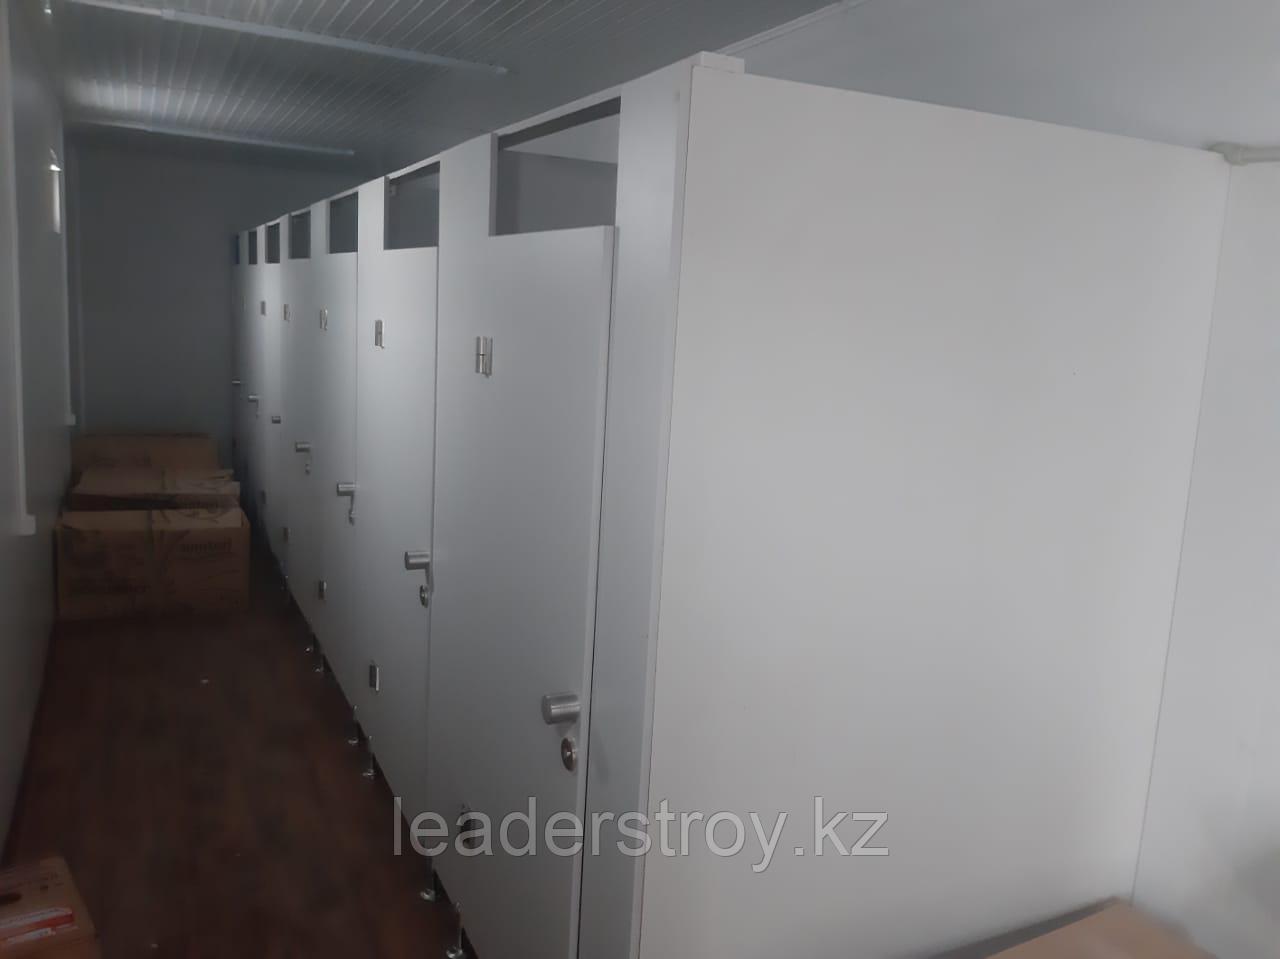 Модульная туалет из 40 футового контейнера